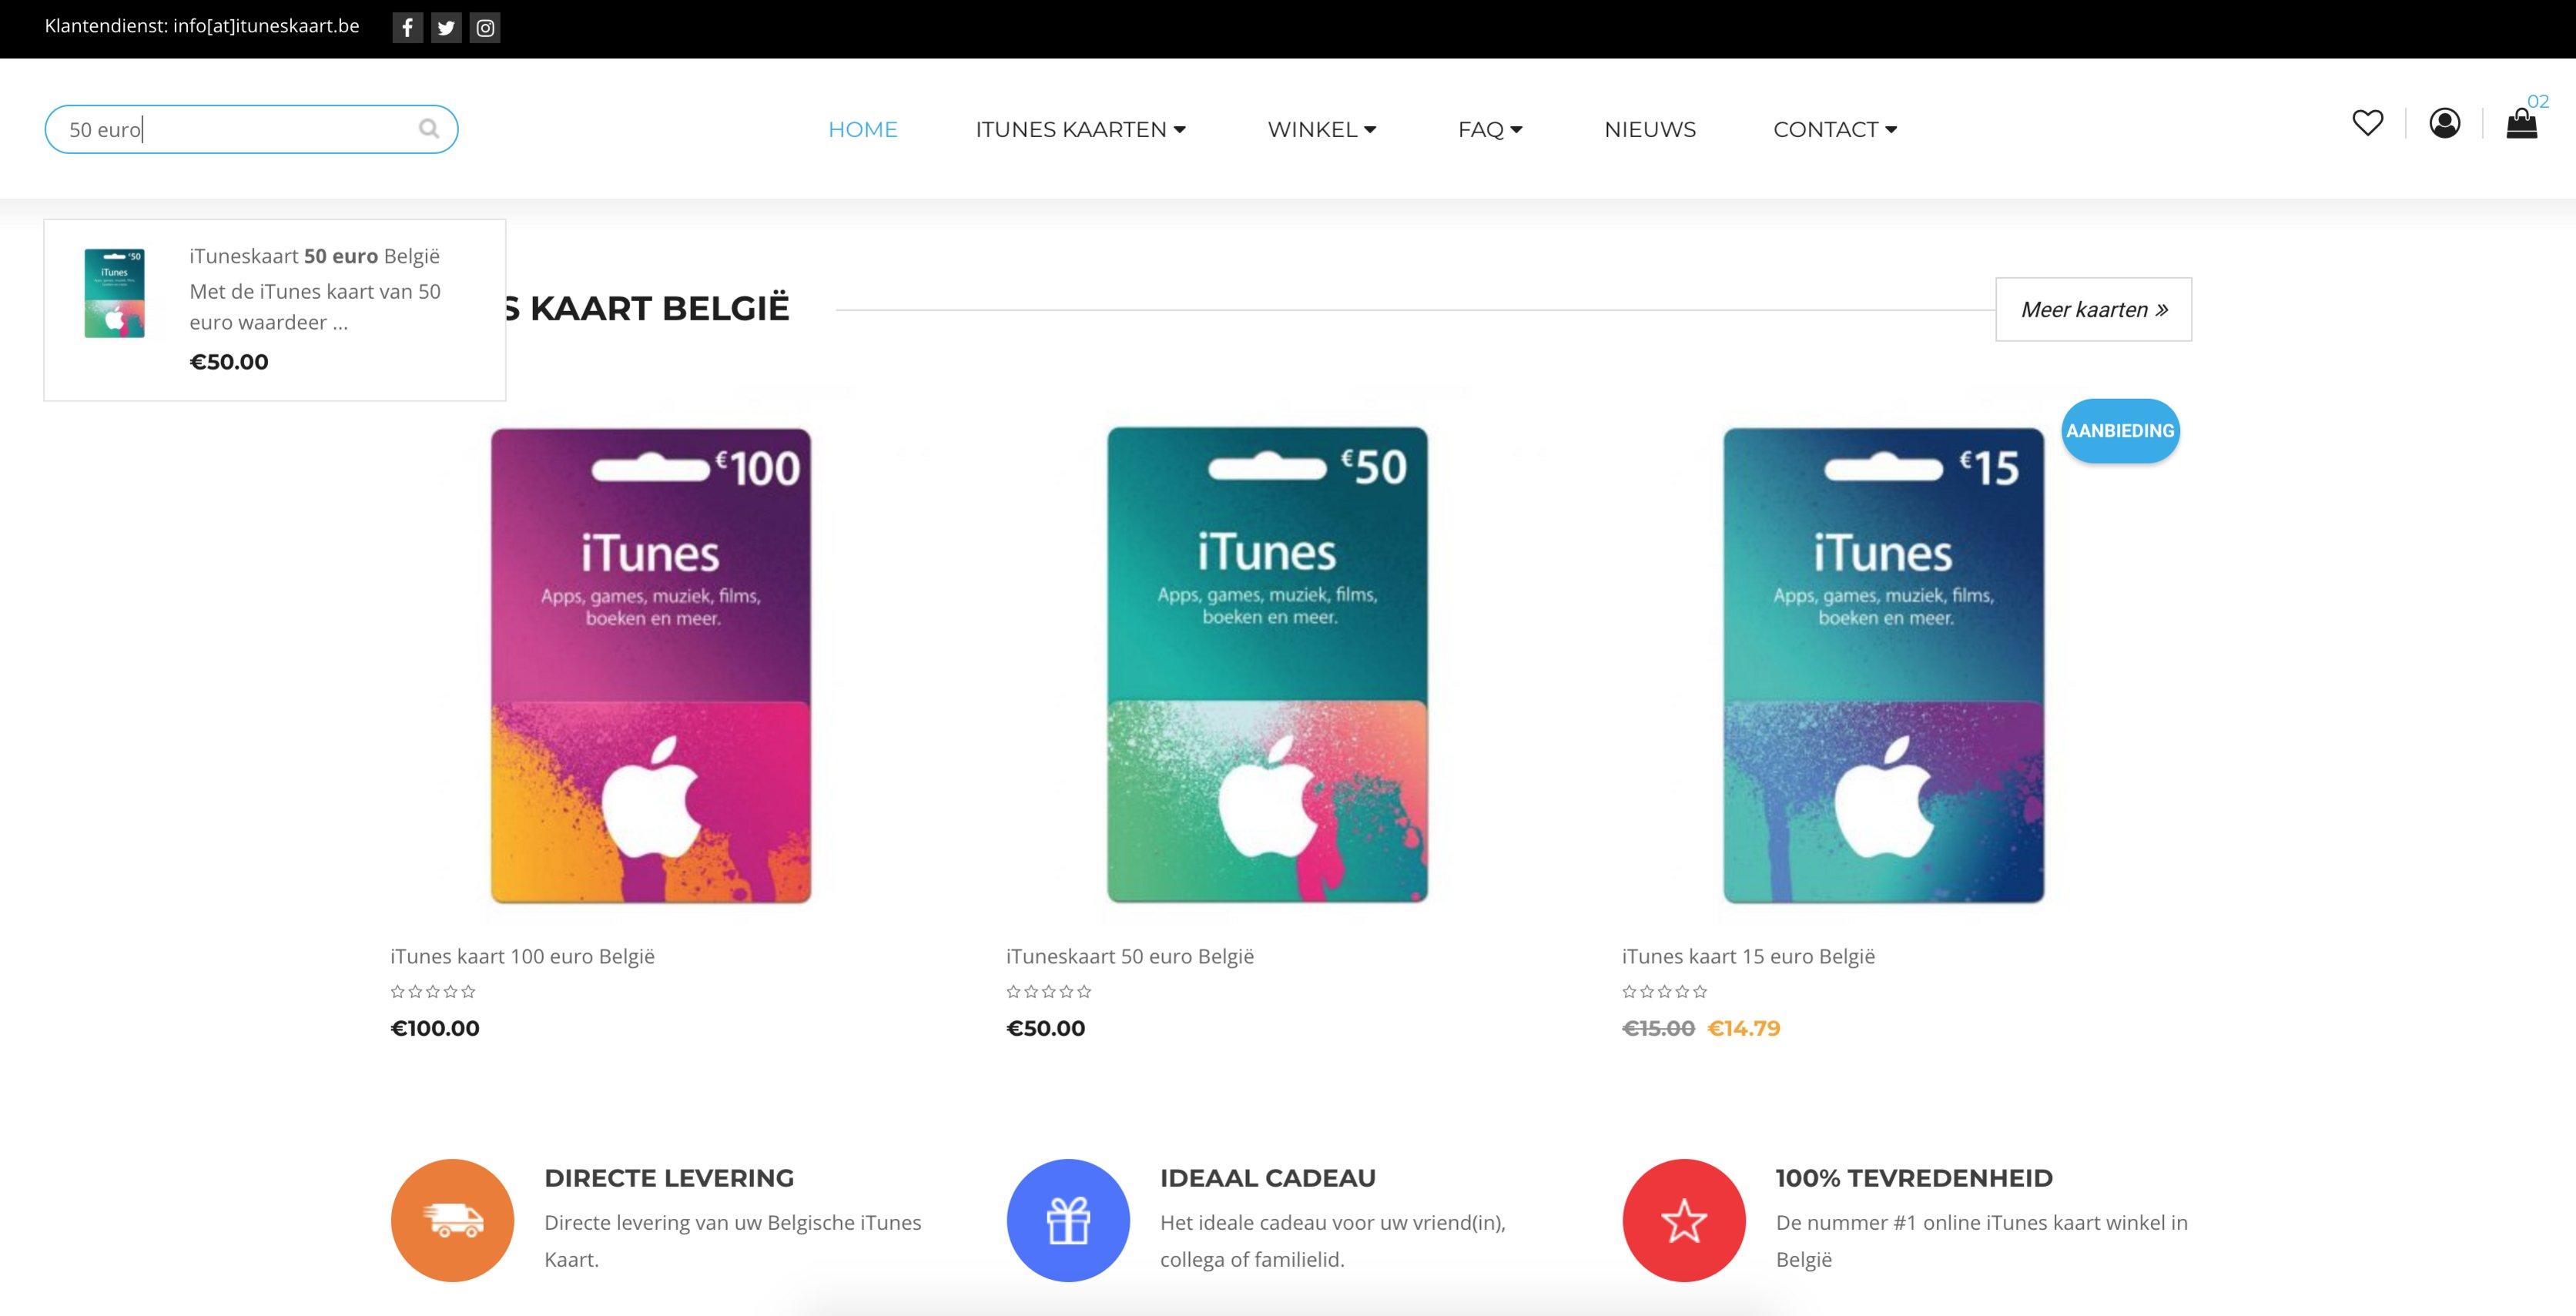 Belgische iTunes website (koopje)-captura-tela-2017-07-jpg